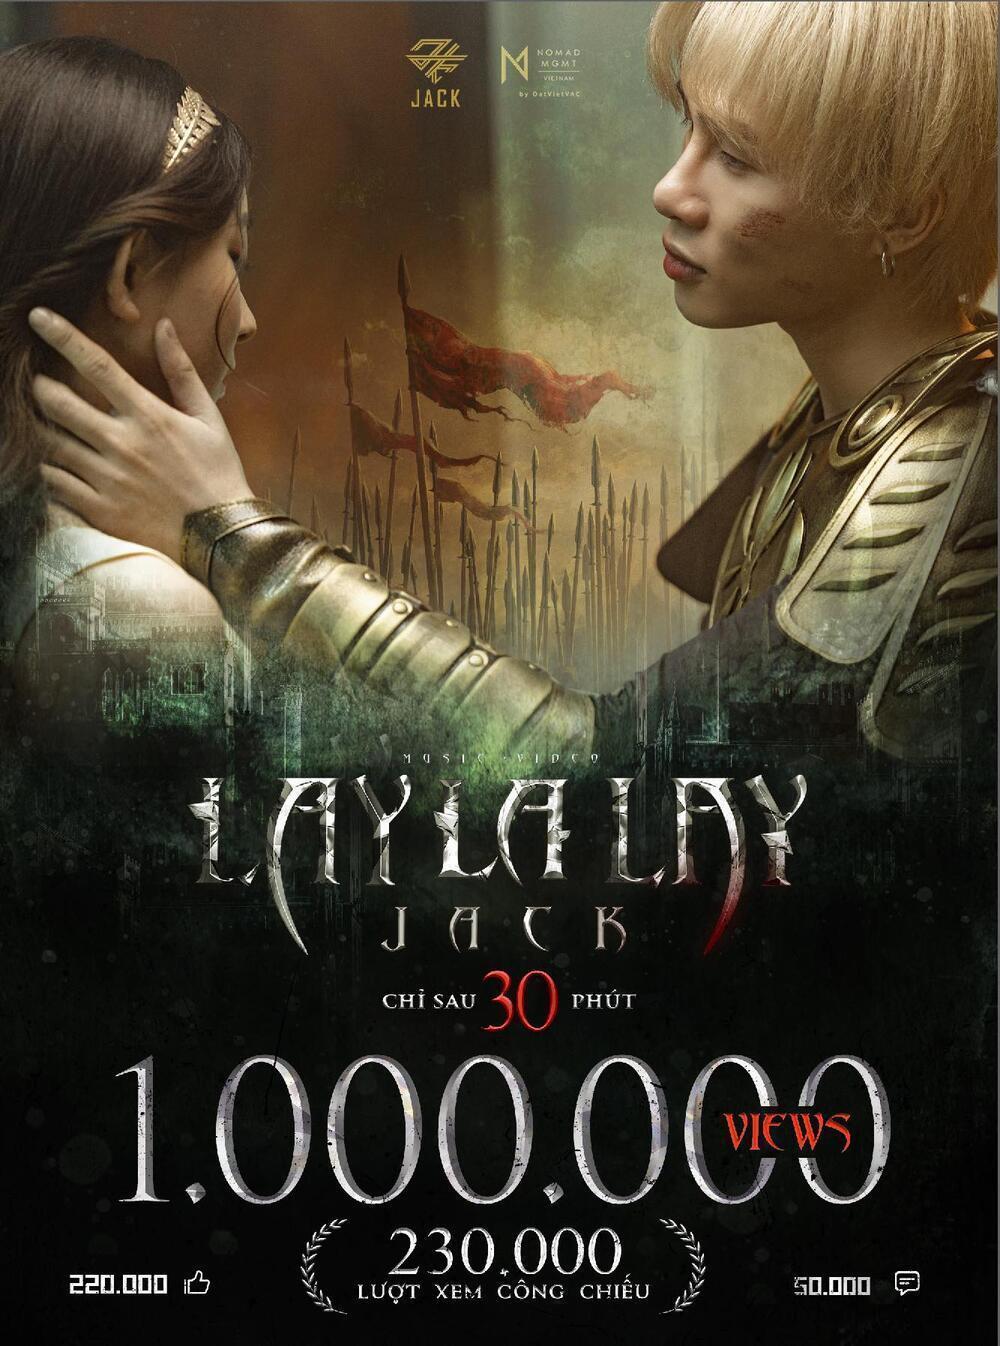 Sinh sau đẻ muộn, 'Muộn rồi mà sao còn' của Sơn Tùng vẫn thừa sức ăn loạt thành tích LAYLALAY từ Jack Ảnh 7